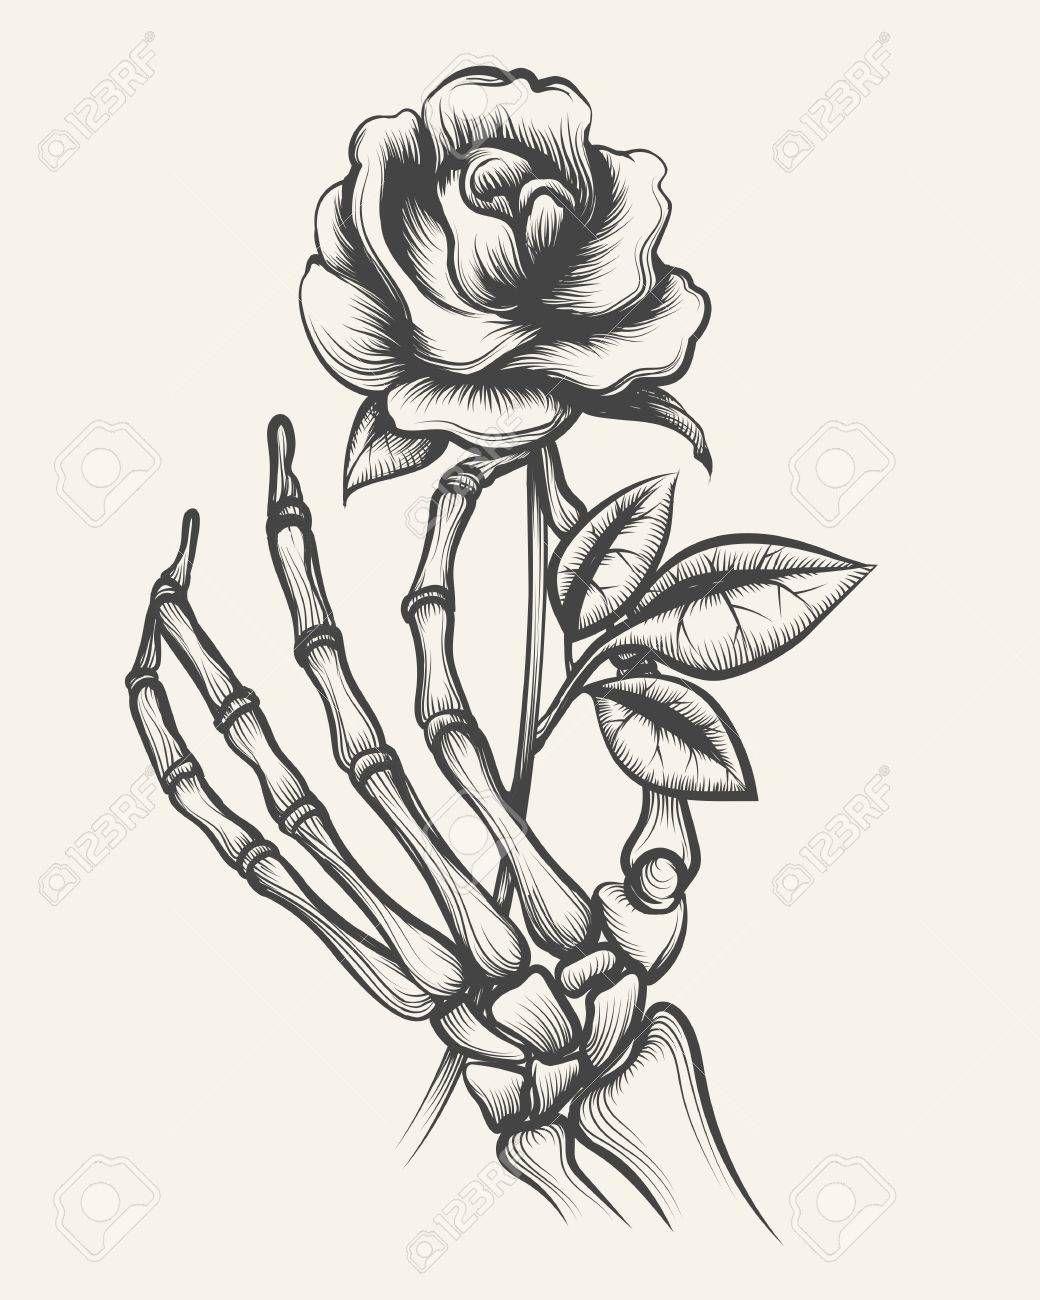 Related image Skeleton hands drawing, Skeleton drawings